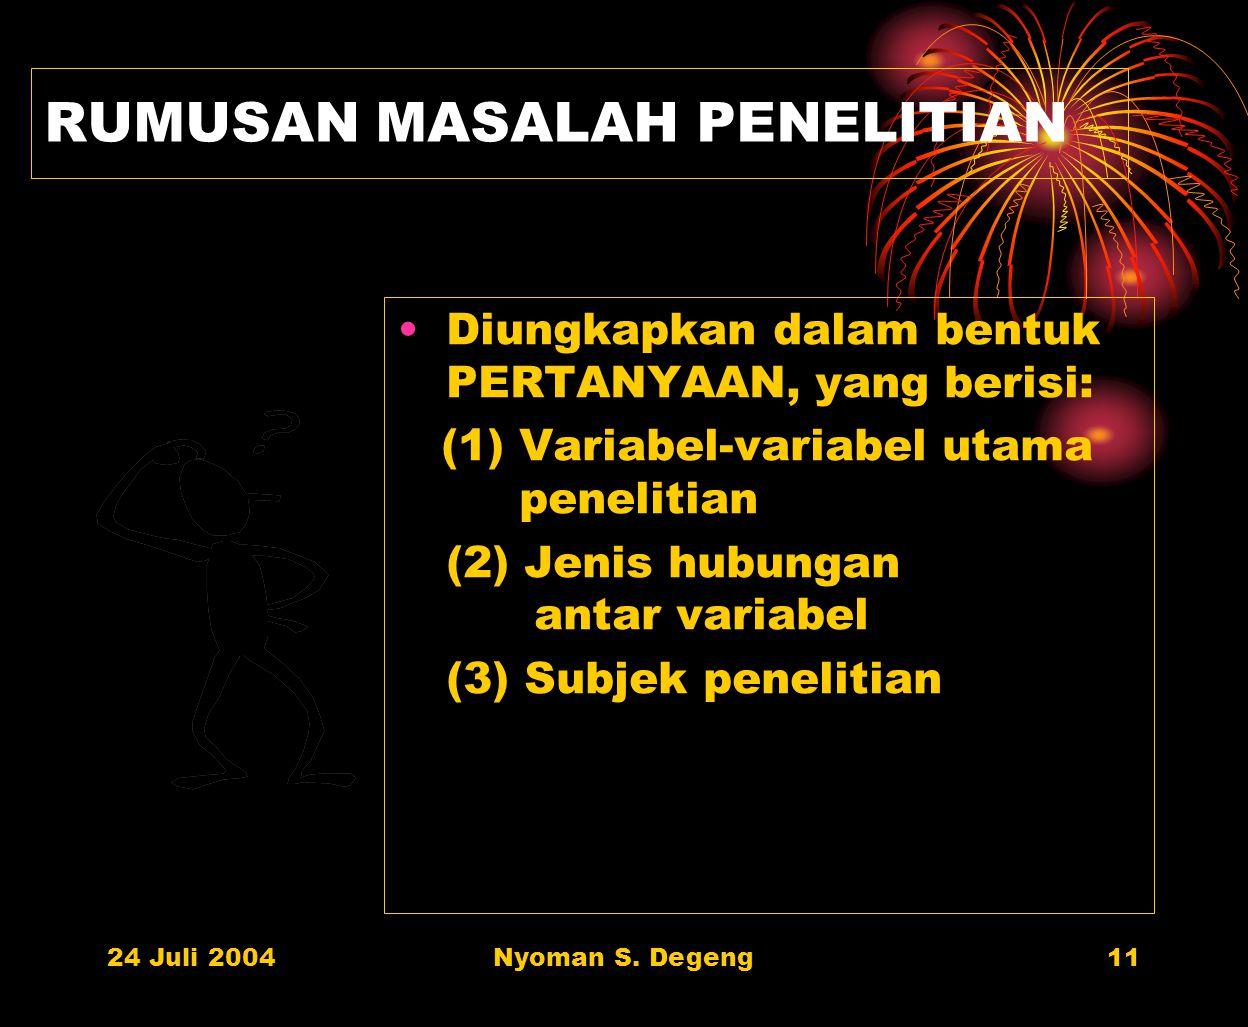 24 Juli 2004Nyoman S. Degeng10 LEBIH OPERSIONAL LATAR BELAKANG MASALAH MENGUNGKAPKAN: Variabel-variabel yang terkait dengan variabel yang menjadi pusa